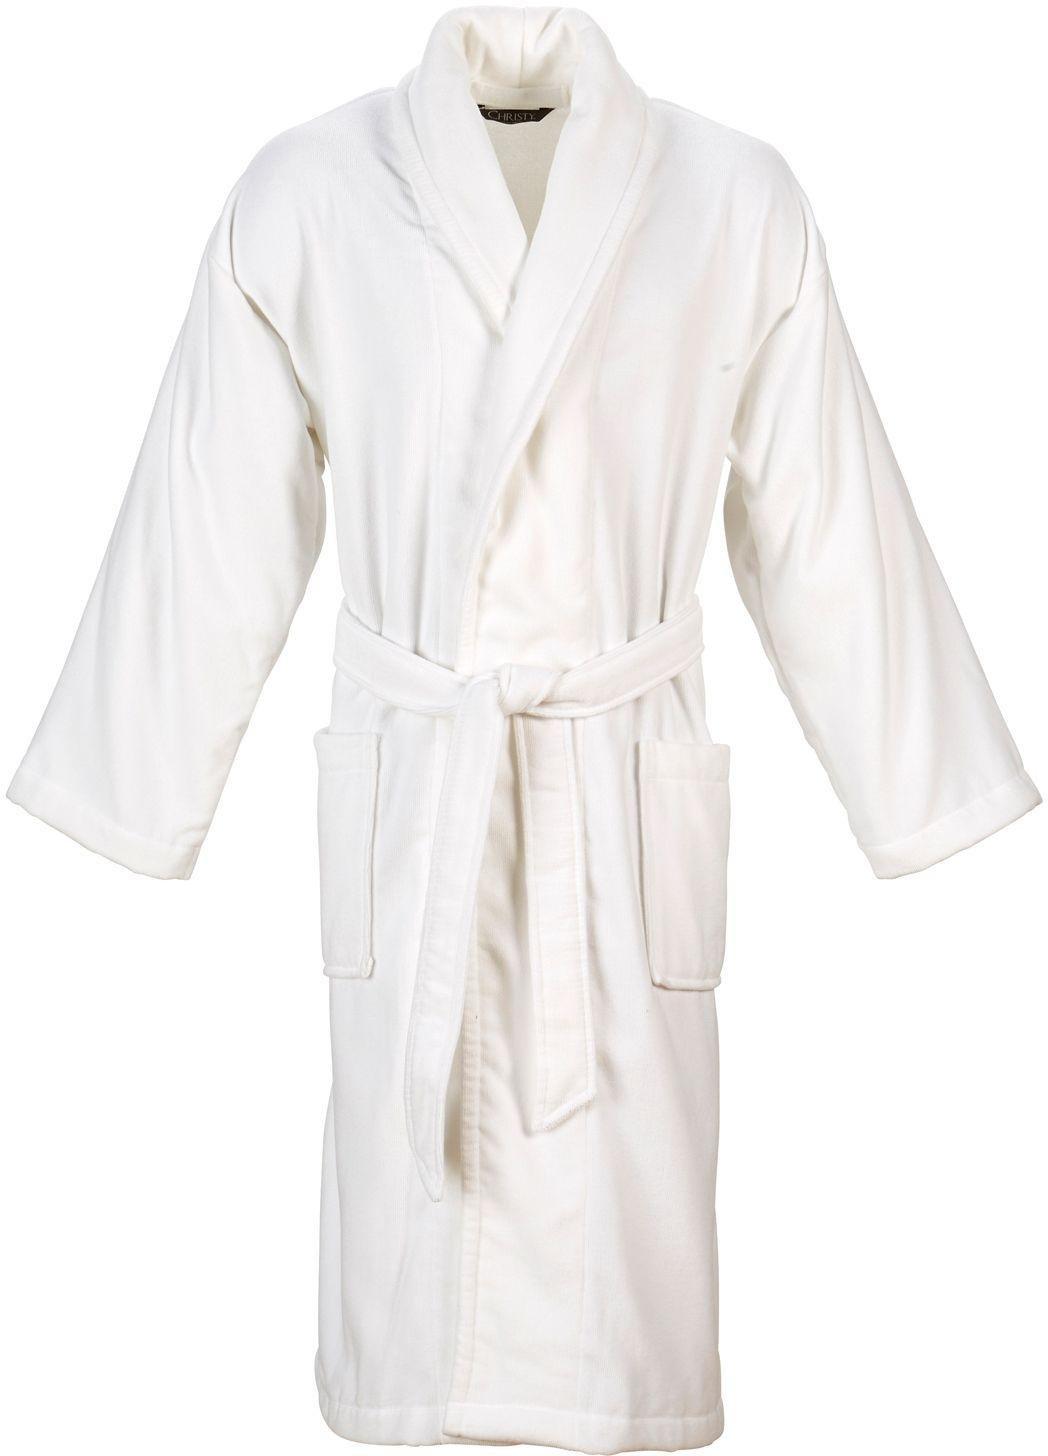 White apron argos - Christy Supreme White Bath Robe Large